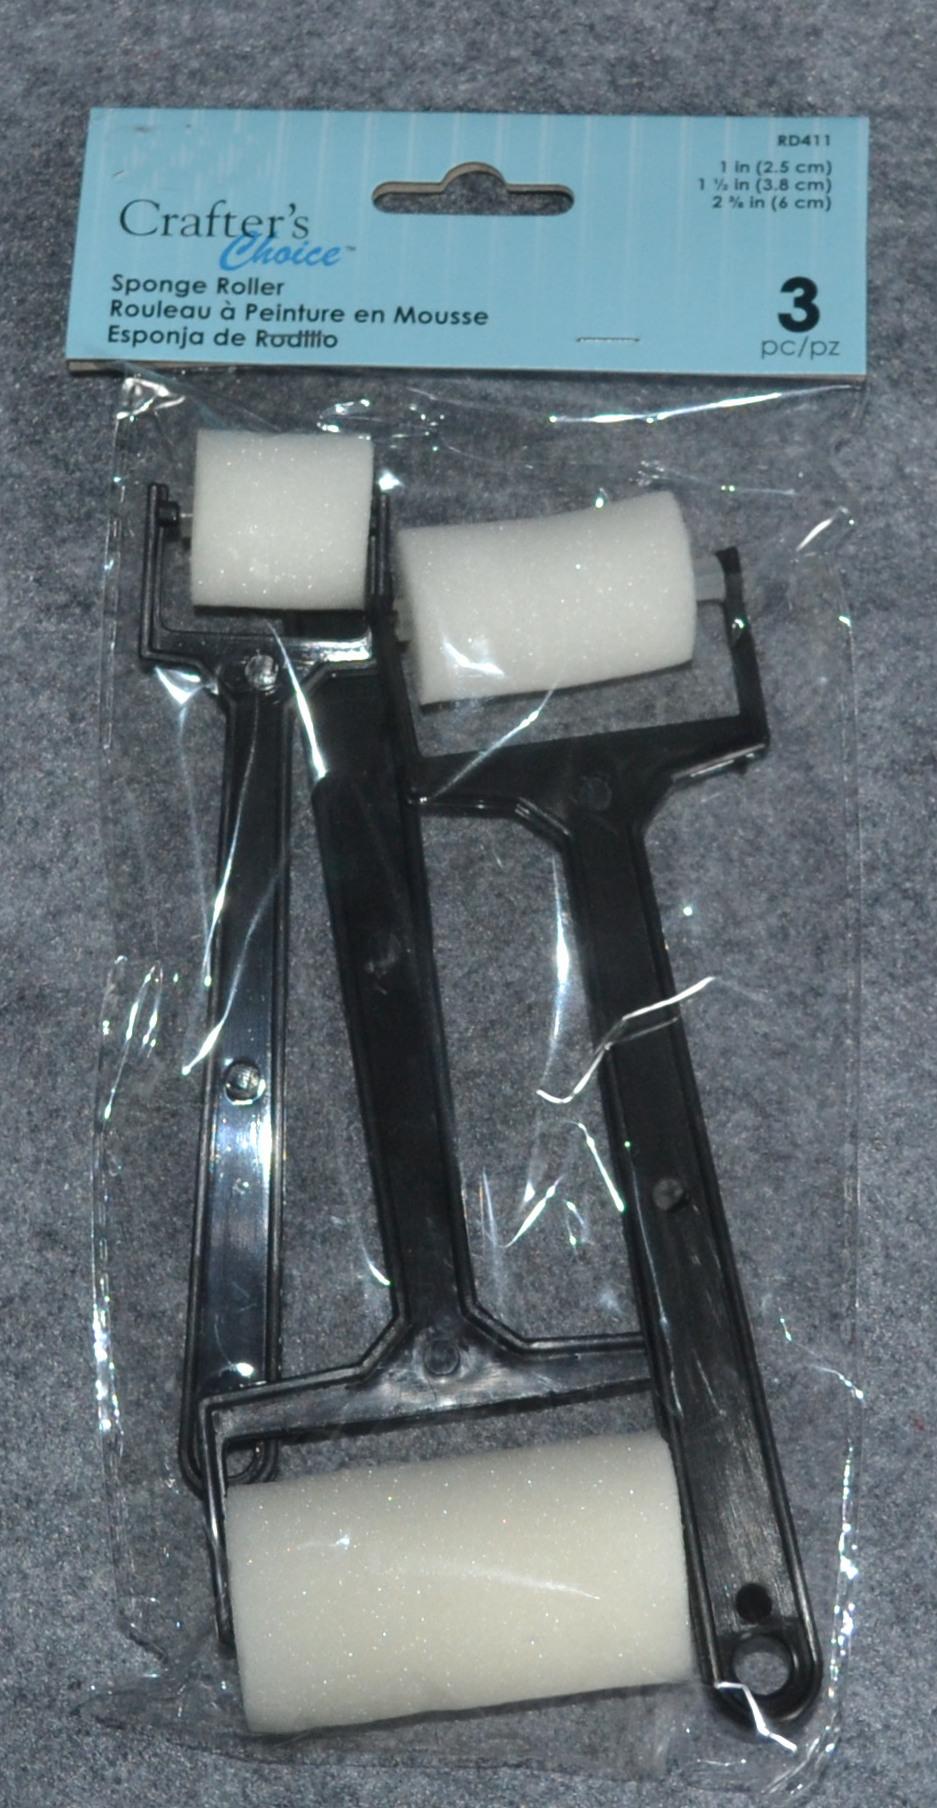 pt-3-foam-roler-brush-set-pt20180629-3-.jpg